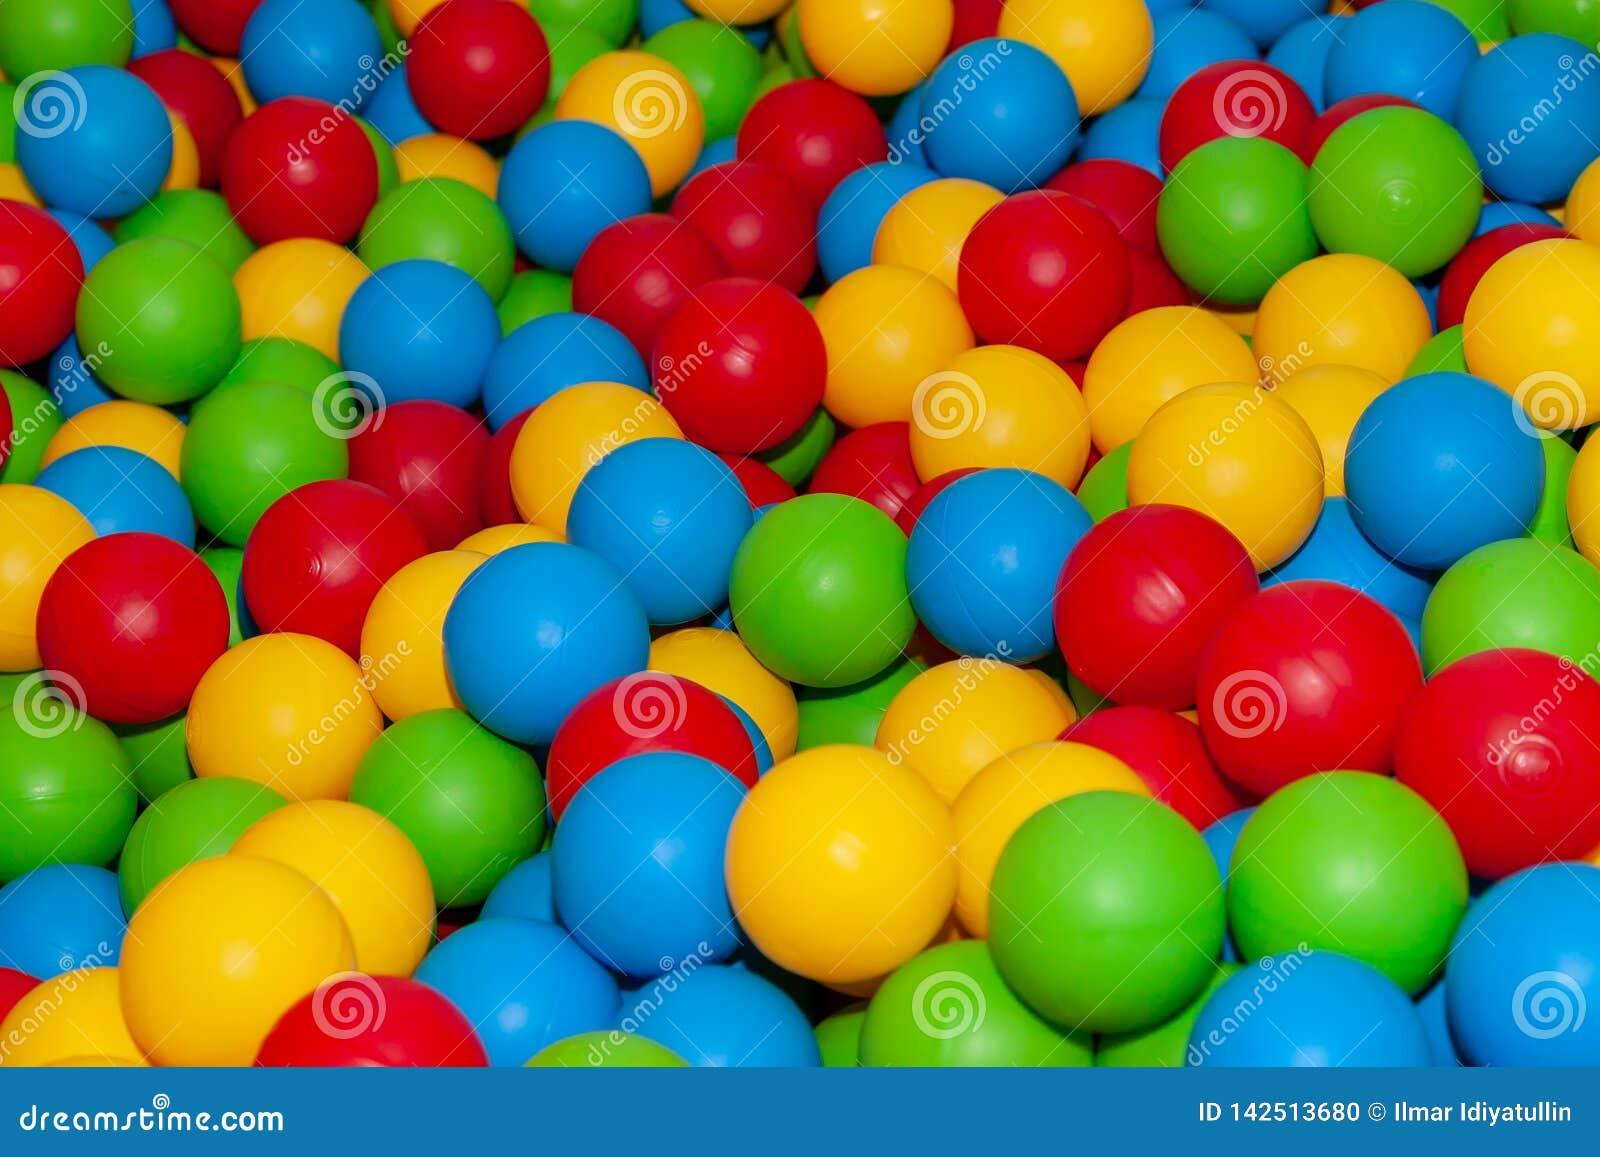 Fondo di molte palle di plastica colorate